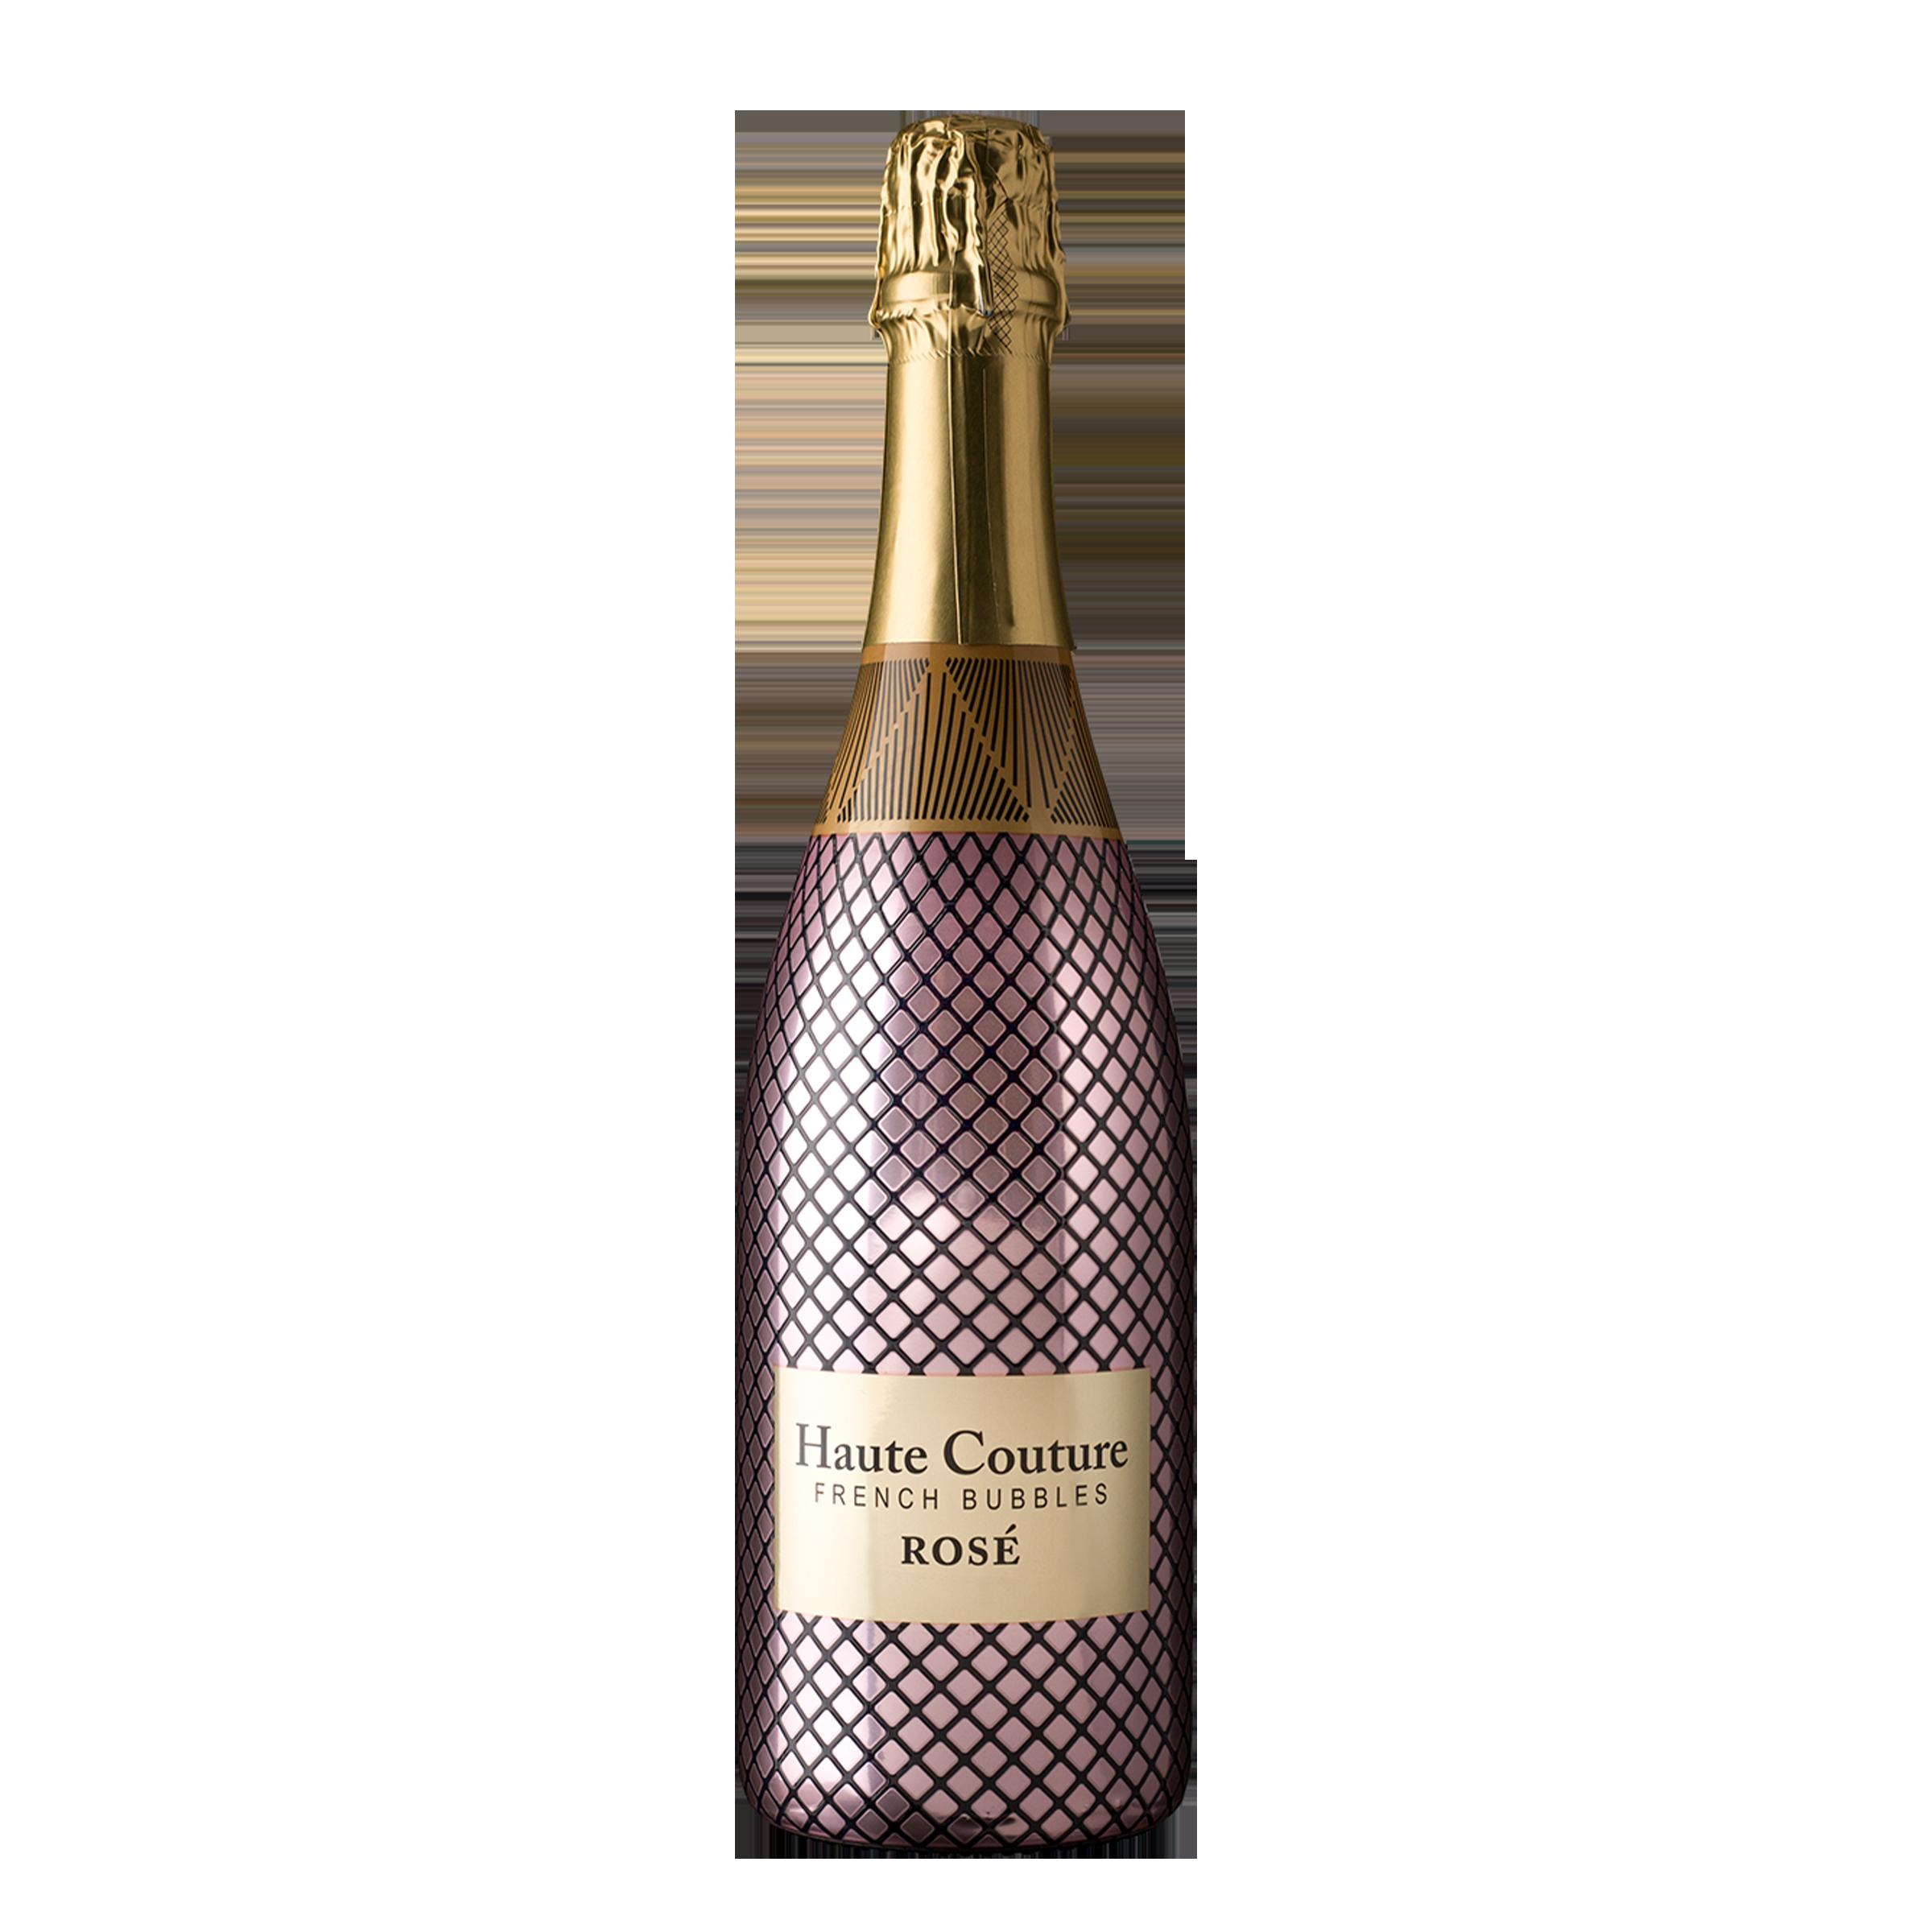 Haute Couture French Bubbles Rosé 750ml NV